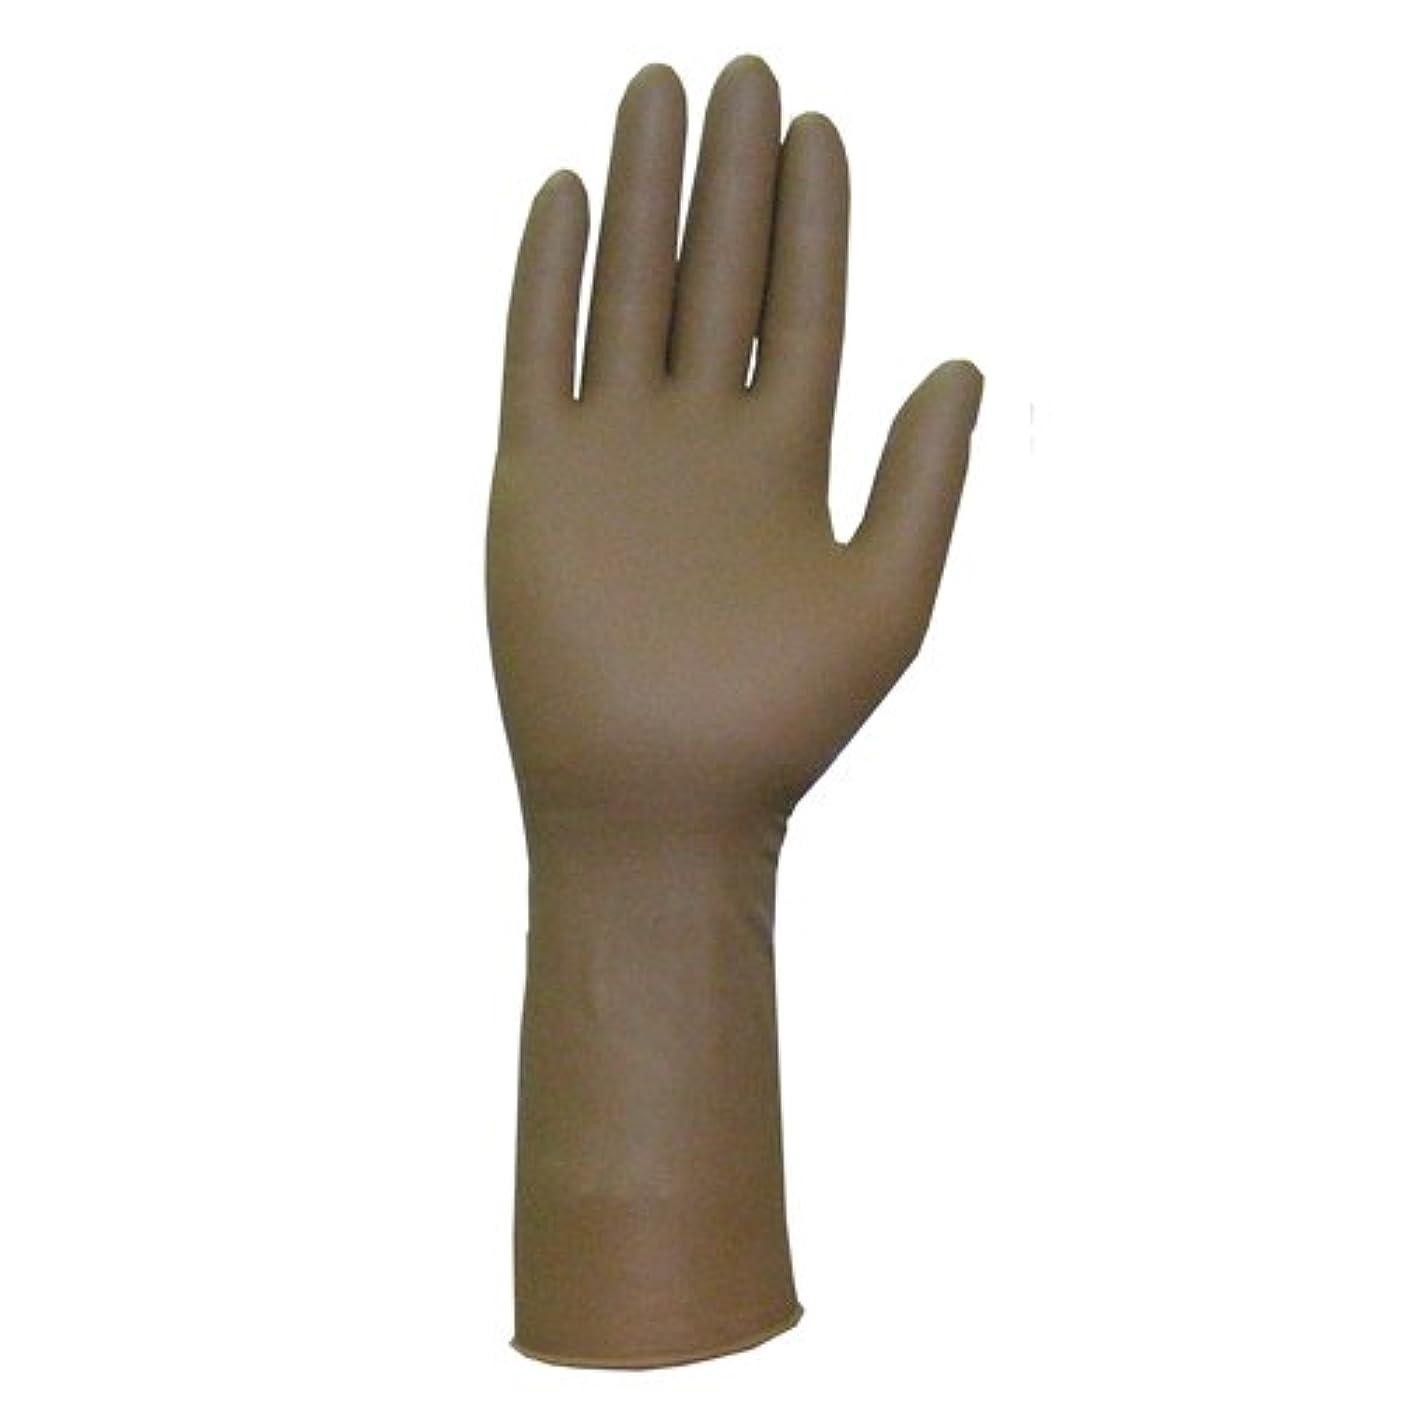 もっともらしい化学症候群ロングラテックス手袋(M)1000枚